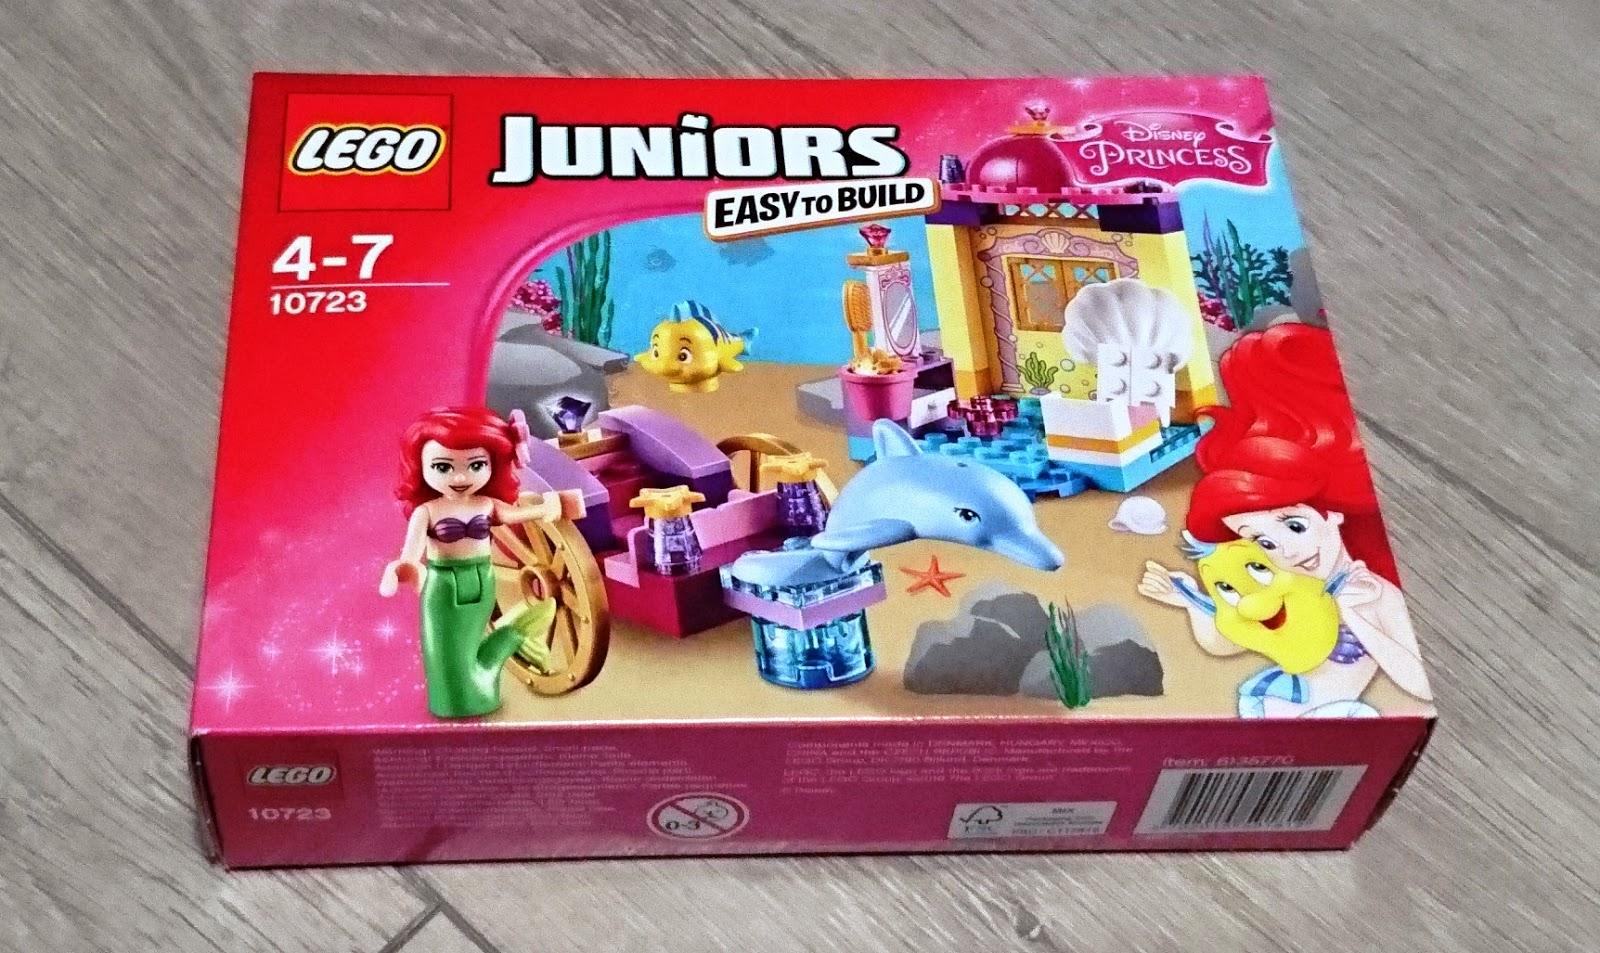 cette boite fait partie des lego juniors la gamme easy to build facile construire pour les 4 7 ans